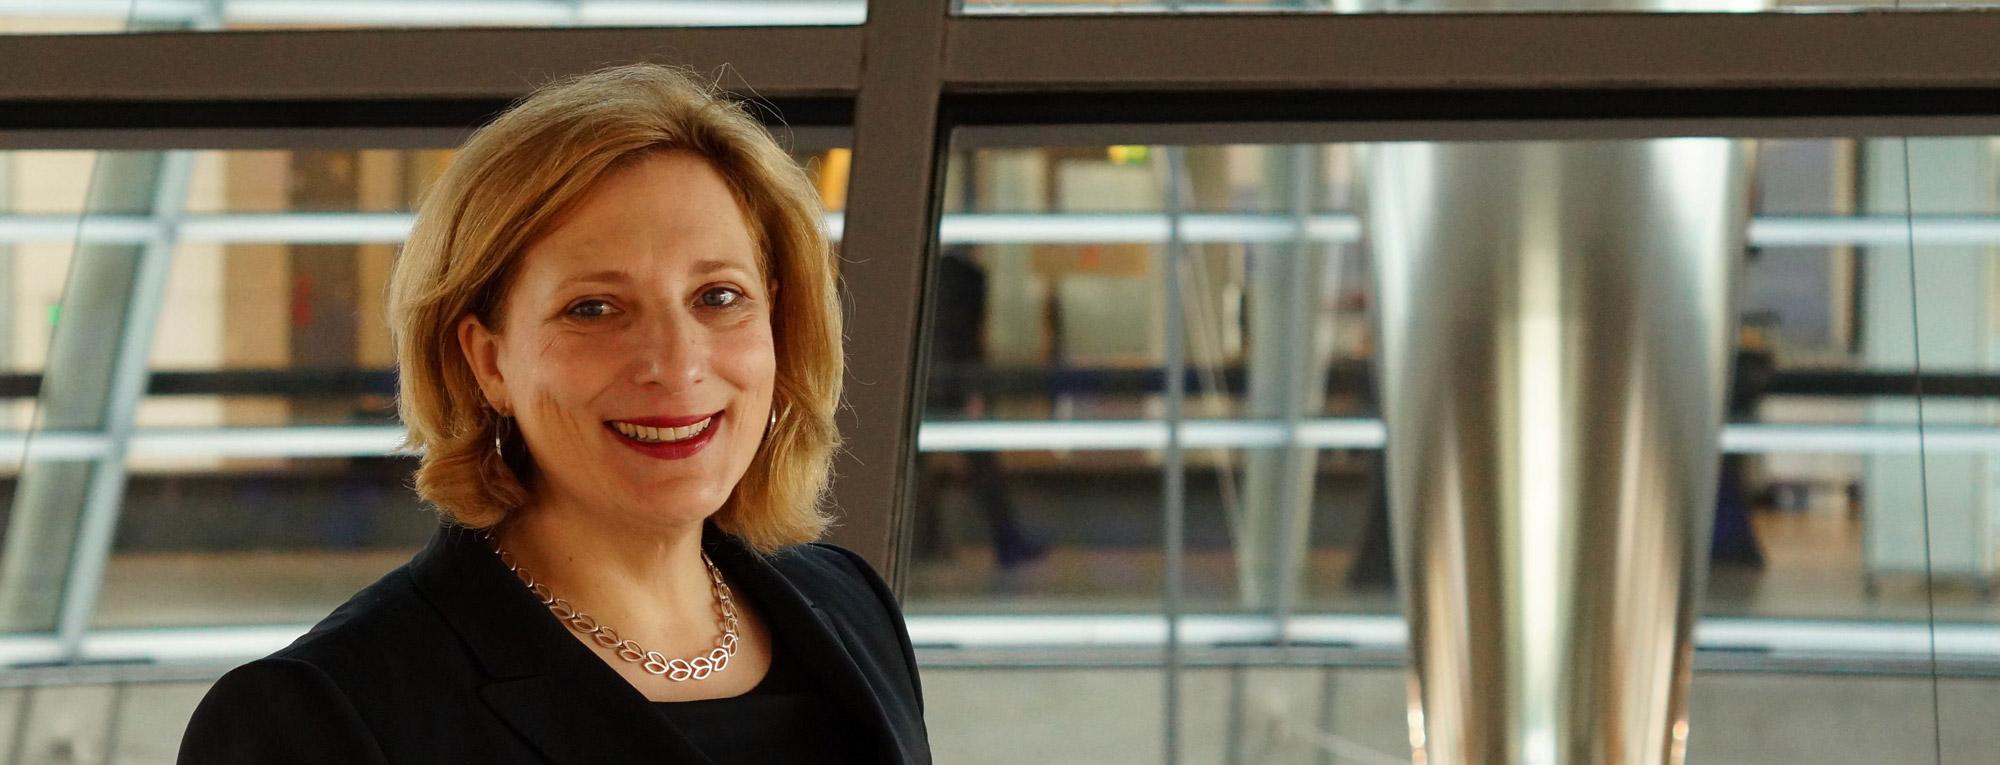 Daniela De Ridder